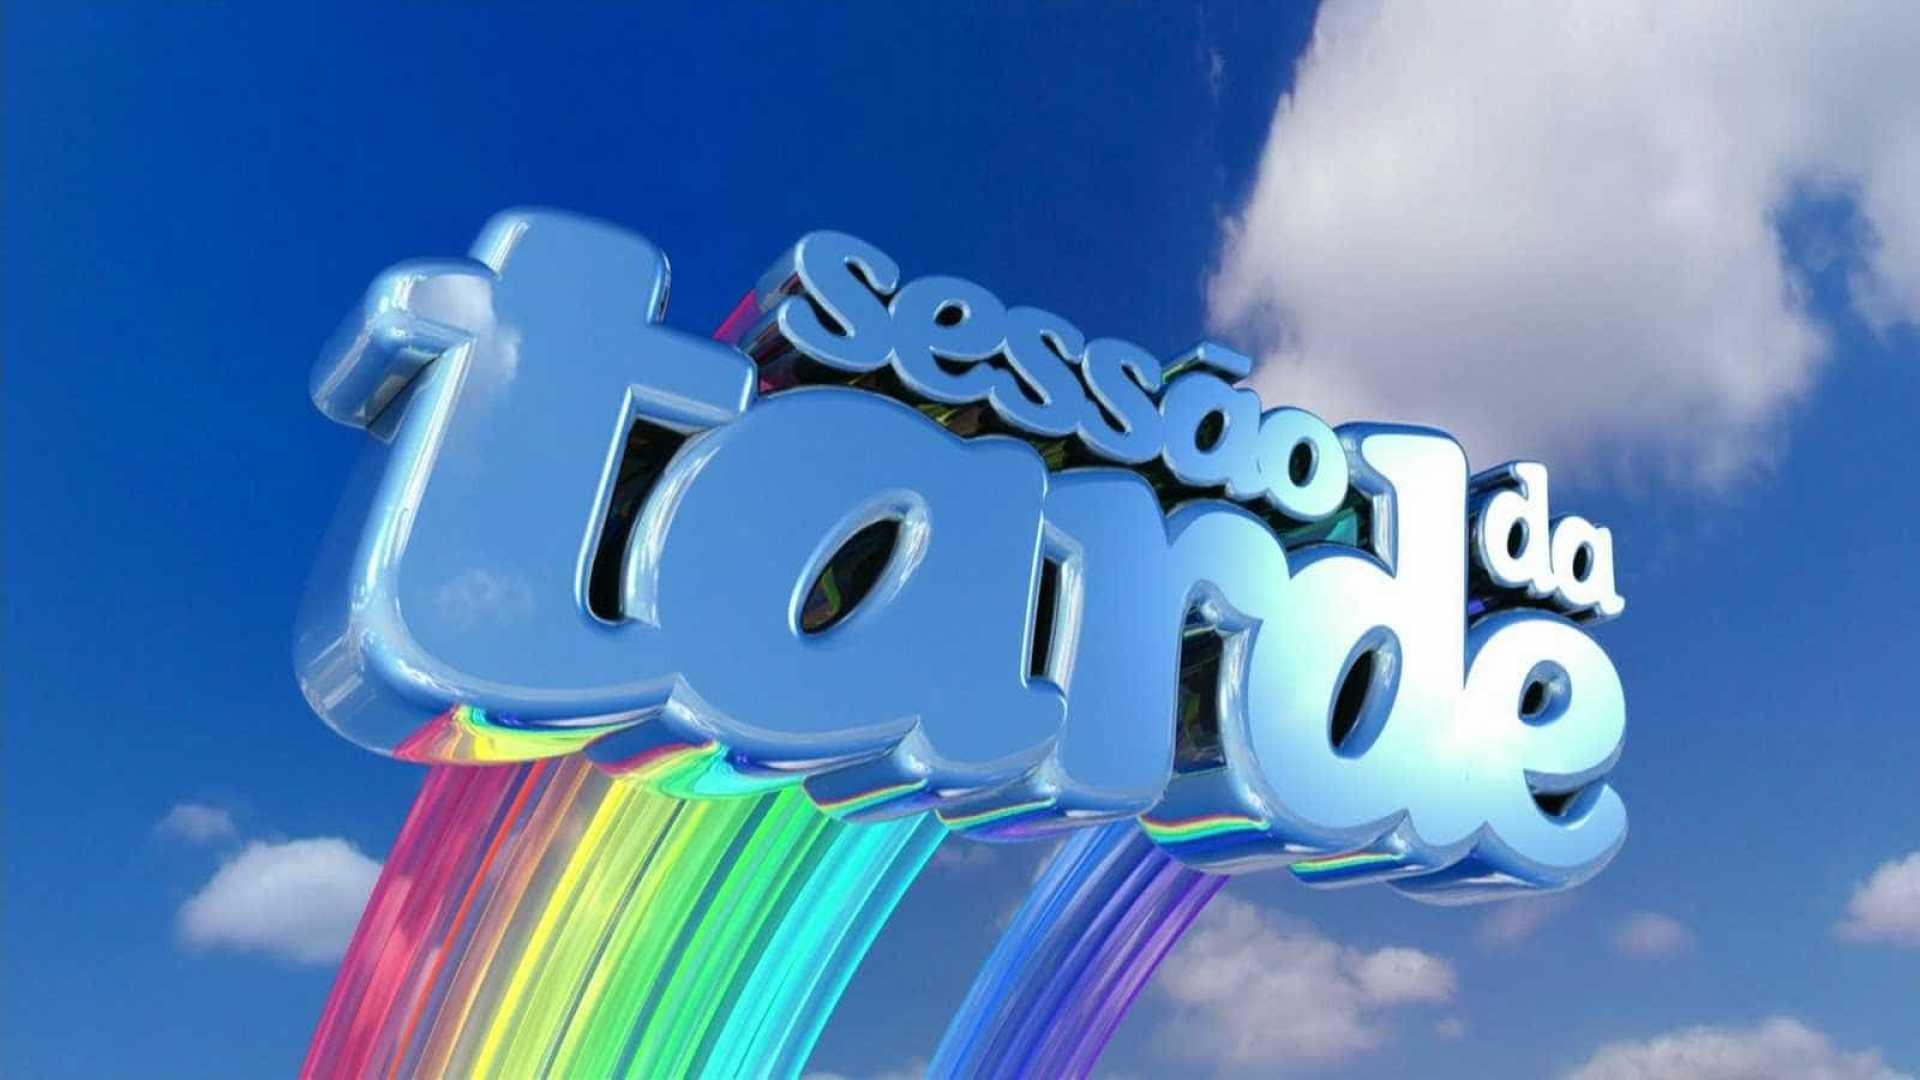 Perdendo na audiência para a Record, Globo planeja acabar com Sessão da Tarde após 44 anos